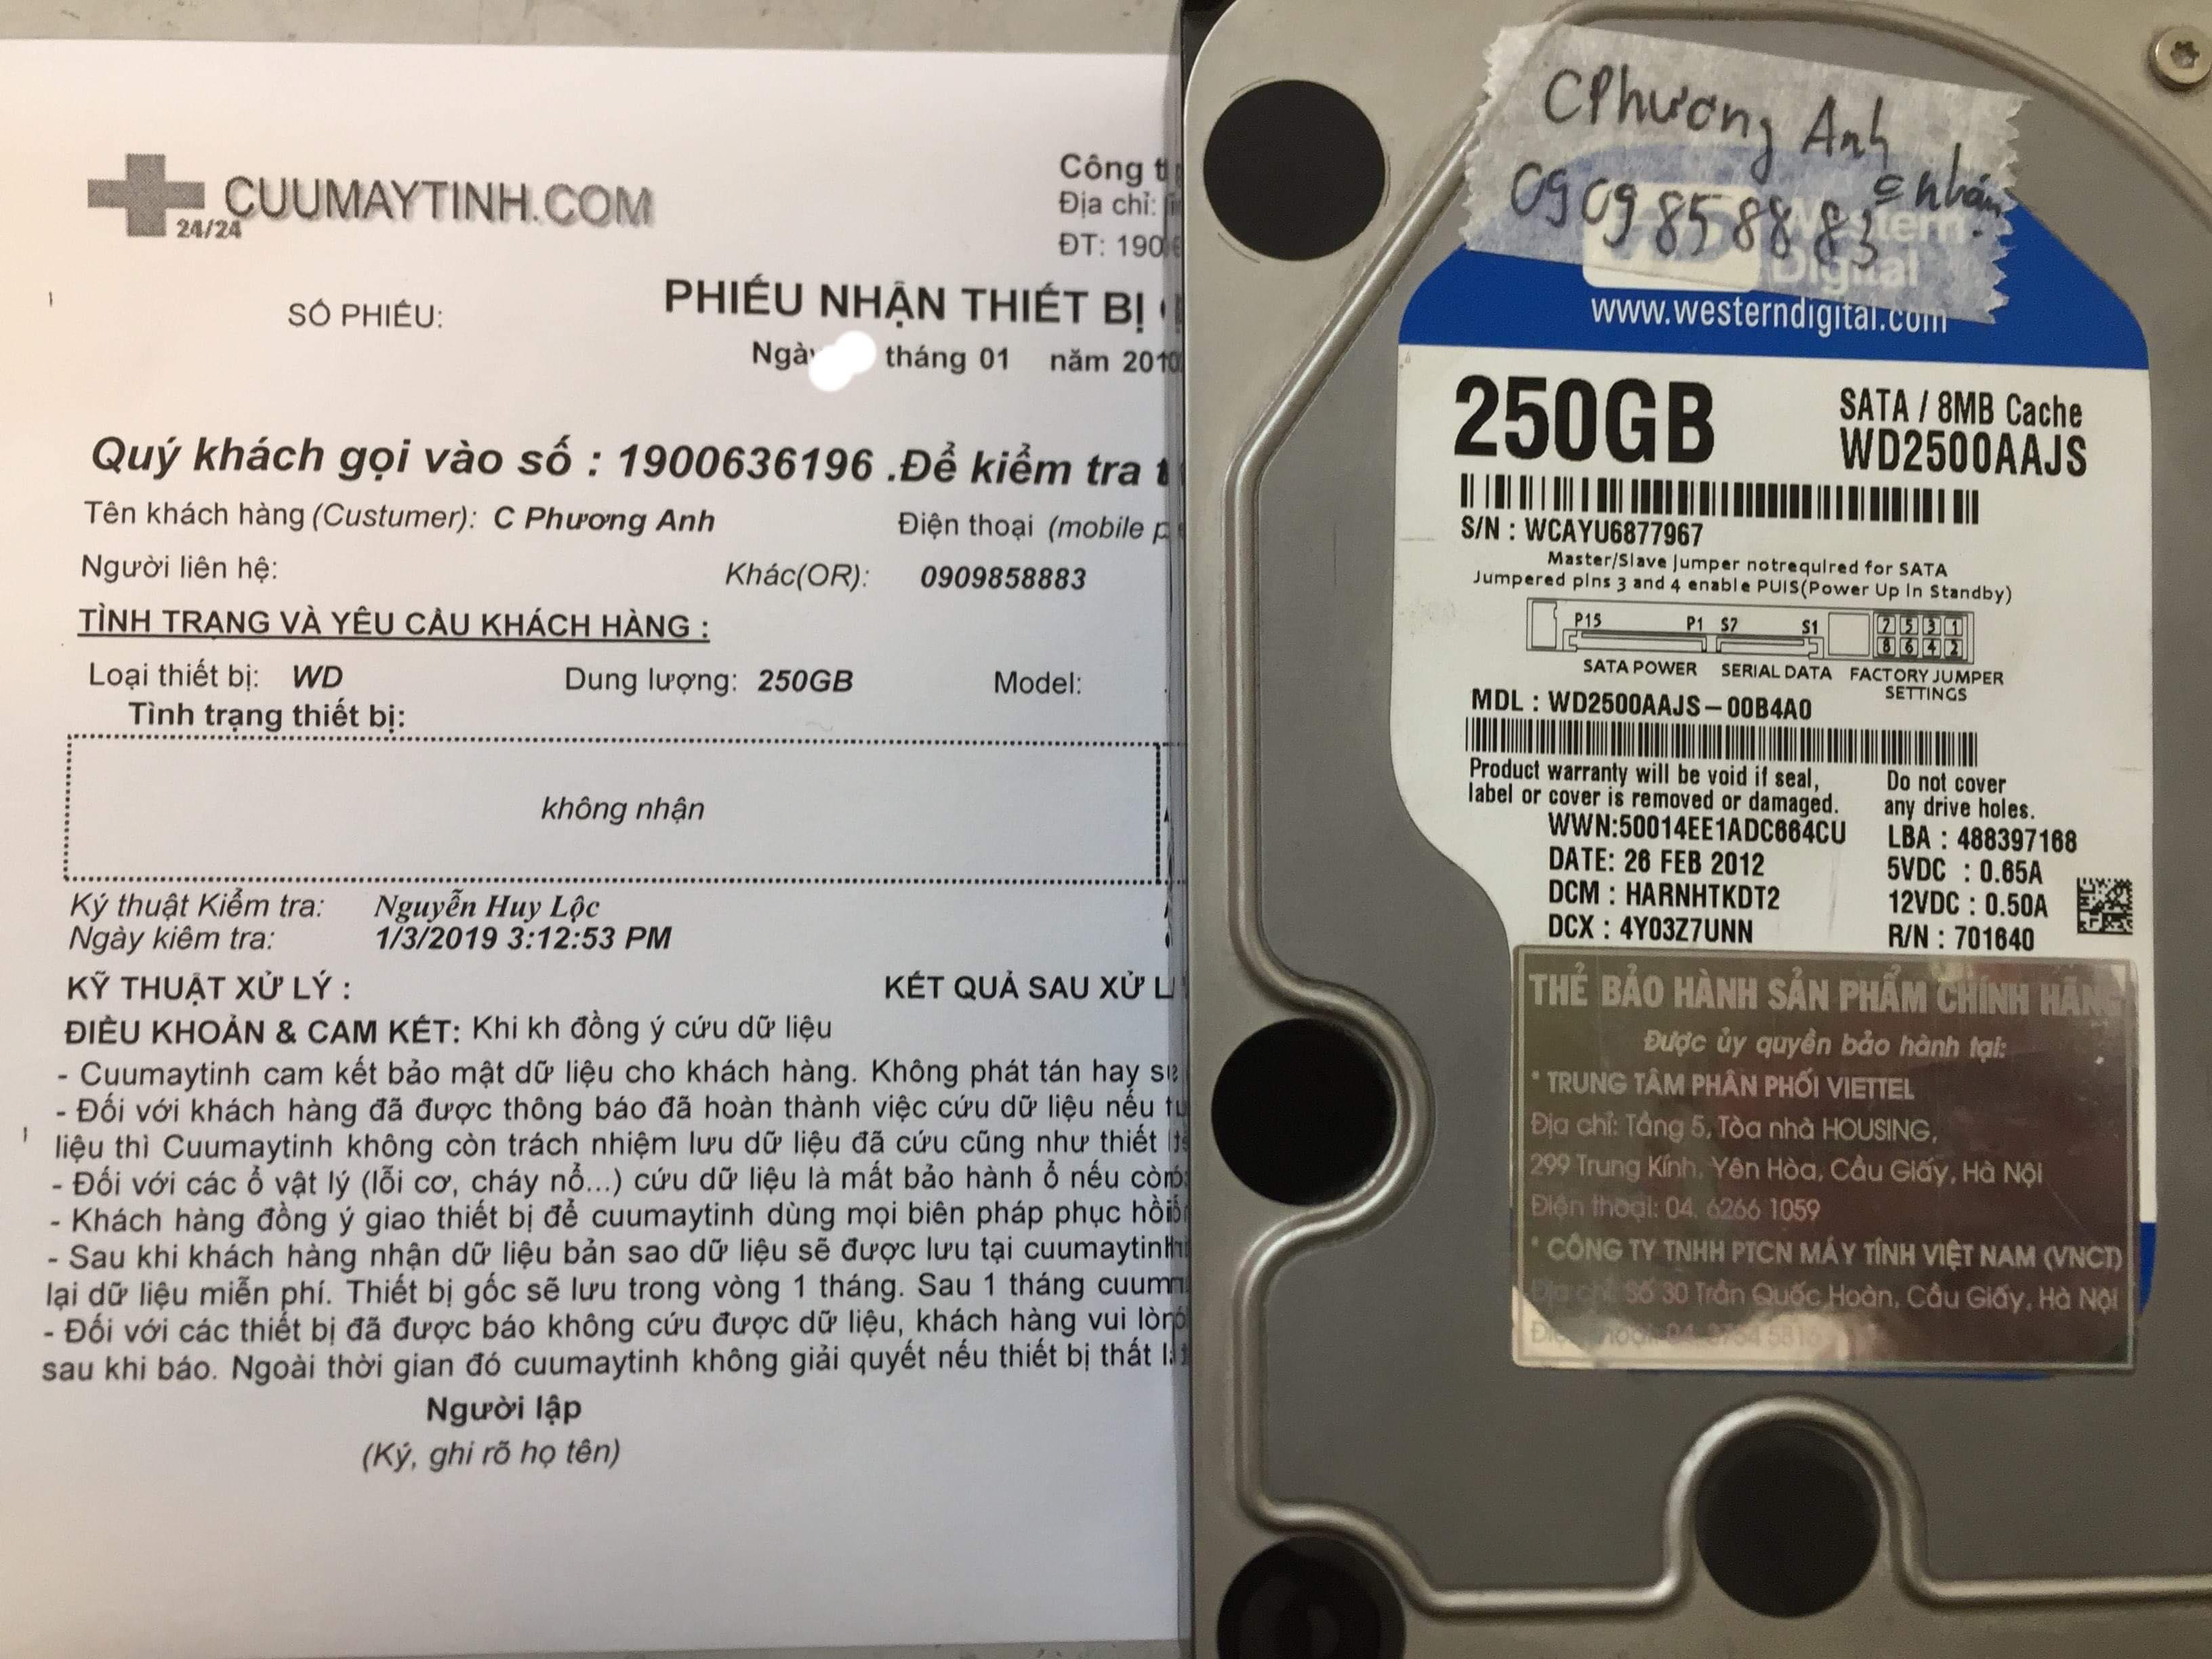 Cứu dữ liệu ổ cứng Western 250GB không nhận 02/01/2019 - cuumaytinh